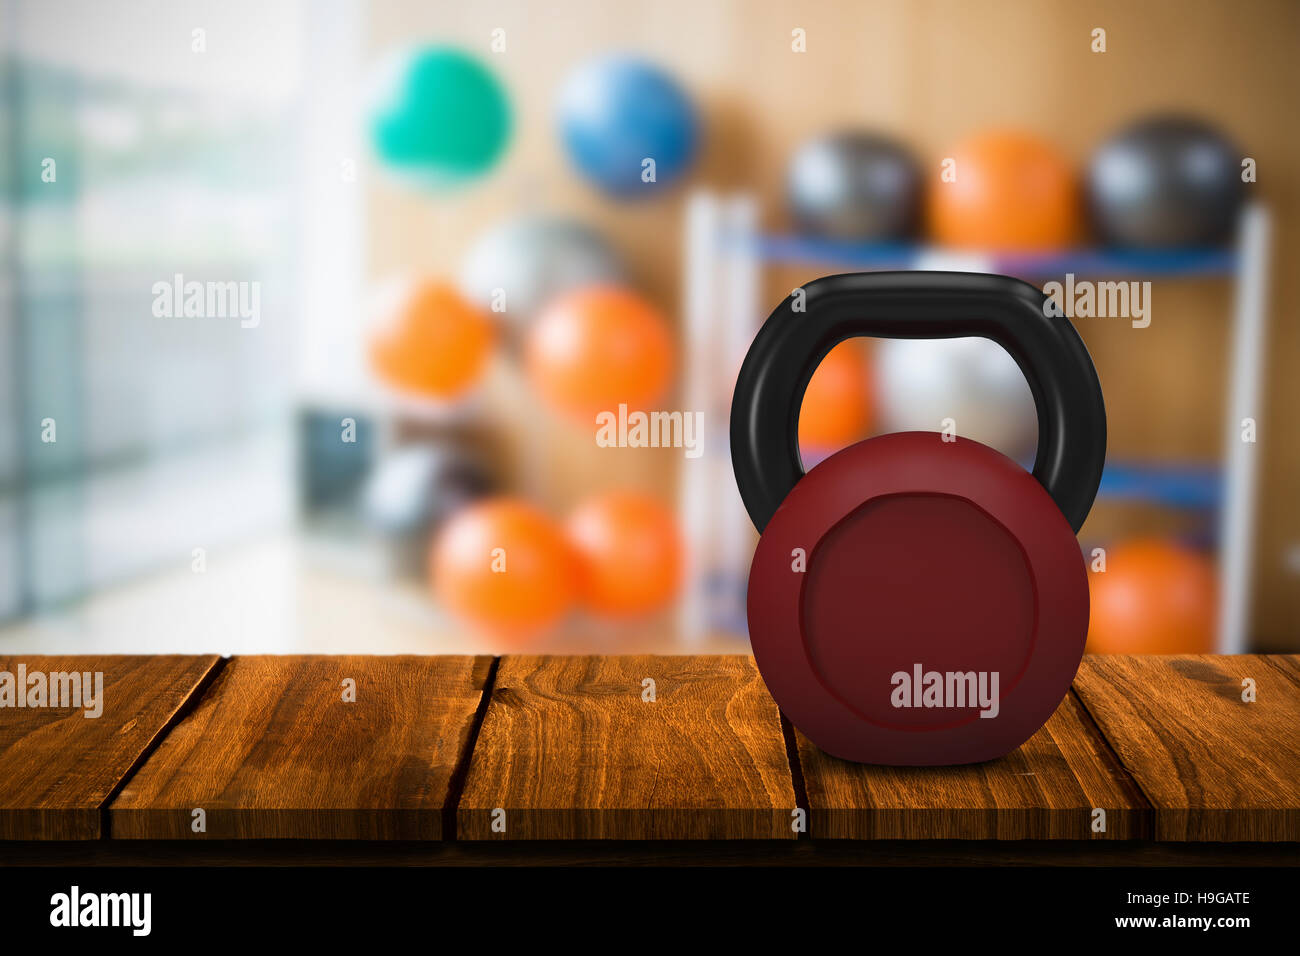 Immagine composita di rosso kettlebell metallico Immagini Stock